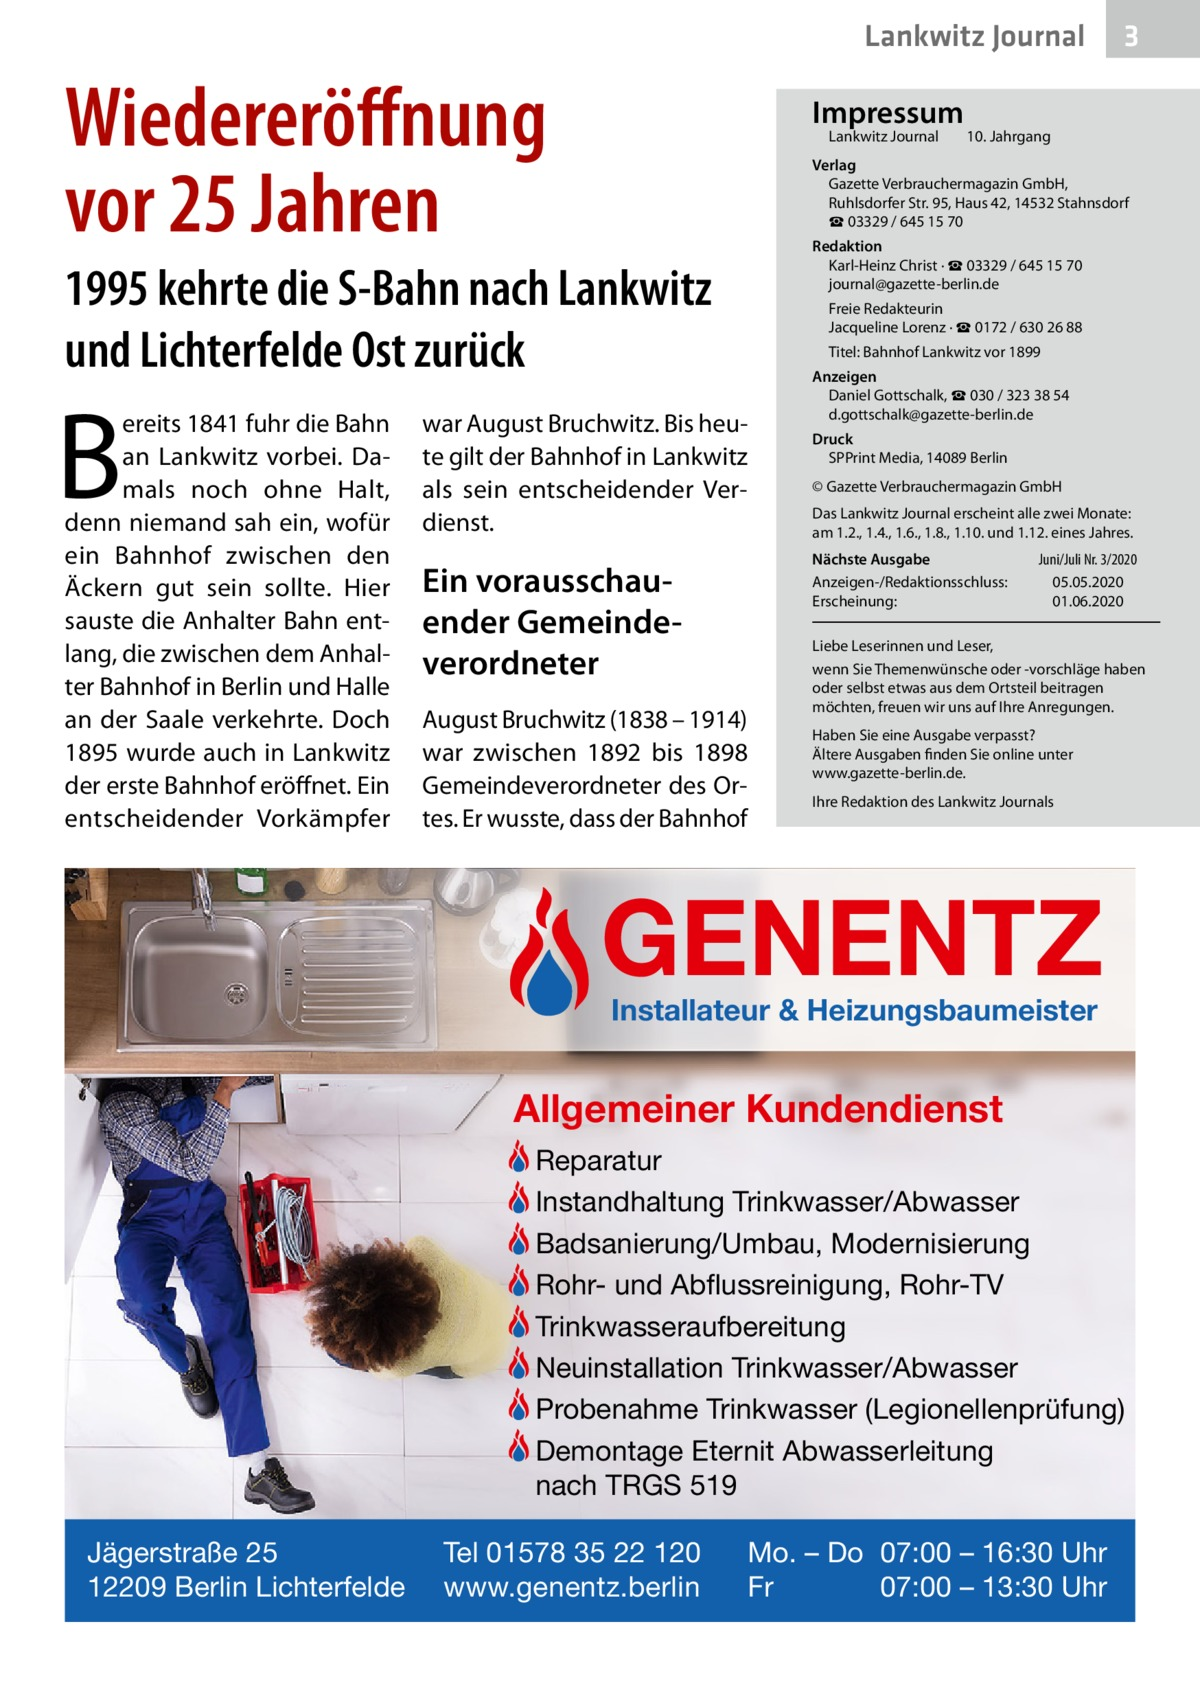 Lankwitz Journal  Wiedereröffnung vor 25Jahren  Impressum Lankwitz Journal  B  10. Jahrgang  Verlag Gazette Verbrauchermagazin GmbH, RuhlsdorferStr.95, Haus 42, 14532 Stahnsdorf ☎ 03329 / 645 15 70 Redaktion Karl-Heinz Christ · ☎ 03329 / 645 15 70 journal@gazette-berlin.de  1995 kehrte die S-Bahn nach Lankwitz und Lichterfelde Ost zurück ereits 1841 fuhr die Bahn an Lankwitz vorbei. Damals noch ohne Halt, denn niemand sah ein, wofür ein Bahnhof zwischen den Äckern gut sein sollte. Hier sauste die Anhalter Bahn entlang, die zwischen dem Anhalter Bahnhof in Berlin und Halle an der Saale verkehrte. Doch 1895 wurde auch in Lankwitz der erste Bahnhof eröffnet. Ein entscheidender Vorkämpfer  3  Freie Redakteurin Jacqueline Lorenz · ☎ 0172 /6302688 Titel: Bahnhof Lankwitz vor 1899  war August Bruchwitz. Bis heute gilt der Bahnhof in Lankwitz als sein entscheidender Verdienst.  Anzeigen Daniel Gottschalk, ☎ 030 / 323 38 54 d.gottschalk@gazette-berlin.de Druck SPPrint Media, 14089Berlin © Gazette Verbrauchermagazin GmbH Das Lankwitz Journal erscheint alle zwei Monate: am 1.2., 1.4., 1.6., 1.8., 1.10. und 1.12. eines Jahres. Nächste Ausgabe Anzeigen-/Redaktionsschluss: Erscheinung:  Ein vorausschauender Gemeindeverordneter August Bruchwitz (1838 – 1914) war zwischen 1892 bis 1898 Gemeindeverordneter des Ortes. Er wusste, dass der Bahnhof  Juni/Juli Nr. 3/2020 05.05.2020 01.06.2020  Liebe Leserinnen und Leser, wenn Sie Themenwünsche oder -vorschläge haben oder selbst etwas aus dem Ortsteil beitragen möchten, freuen wir uns auf Ihre Anregungen. Haben Sie eine Ausgabe verpasst? Ältere Ausgaben finden Sie online unter www.gazette-berlin.de. Ihre Redaktion des Lankwitz Journals  GENENTZ Installateur & Heizungsbaumeister  Allgemeiner Kundendienst Reparatur Instandhaltung Trinkwasser/Abwasser Badsanierung/Umbau, Modernisierung Rohr- und Abflussreinigung, Rohr-TV Trinkwasseraufbereitung Neuinstallation Trinkwasser/Abwasser Probenahme Trinkwasser (Legionellenprüfung) Demontage Eternit